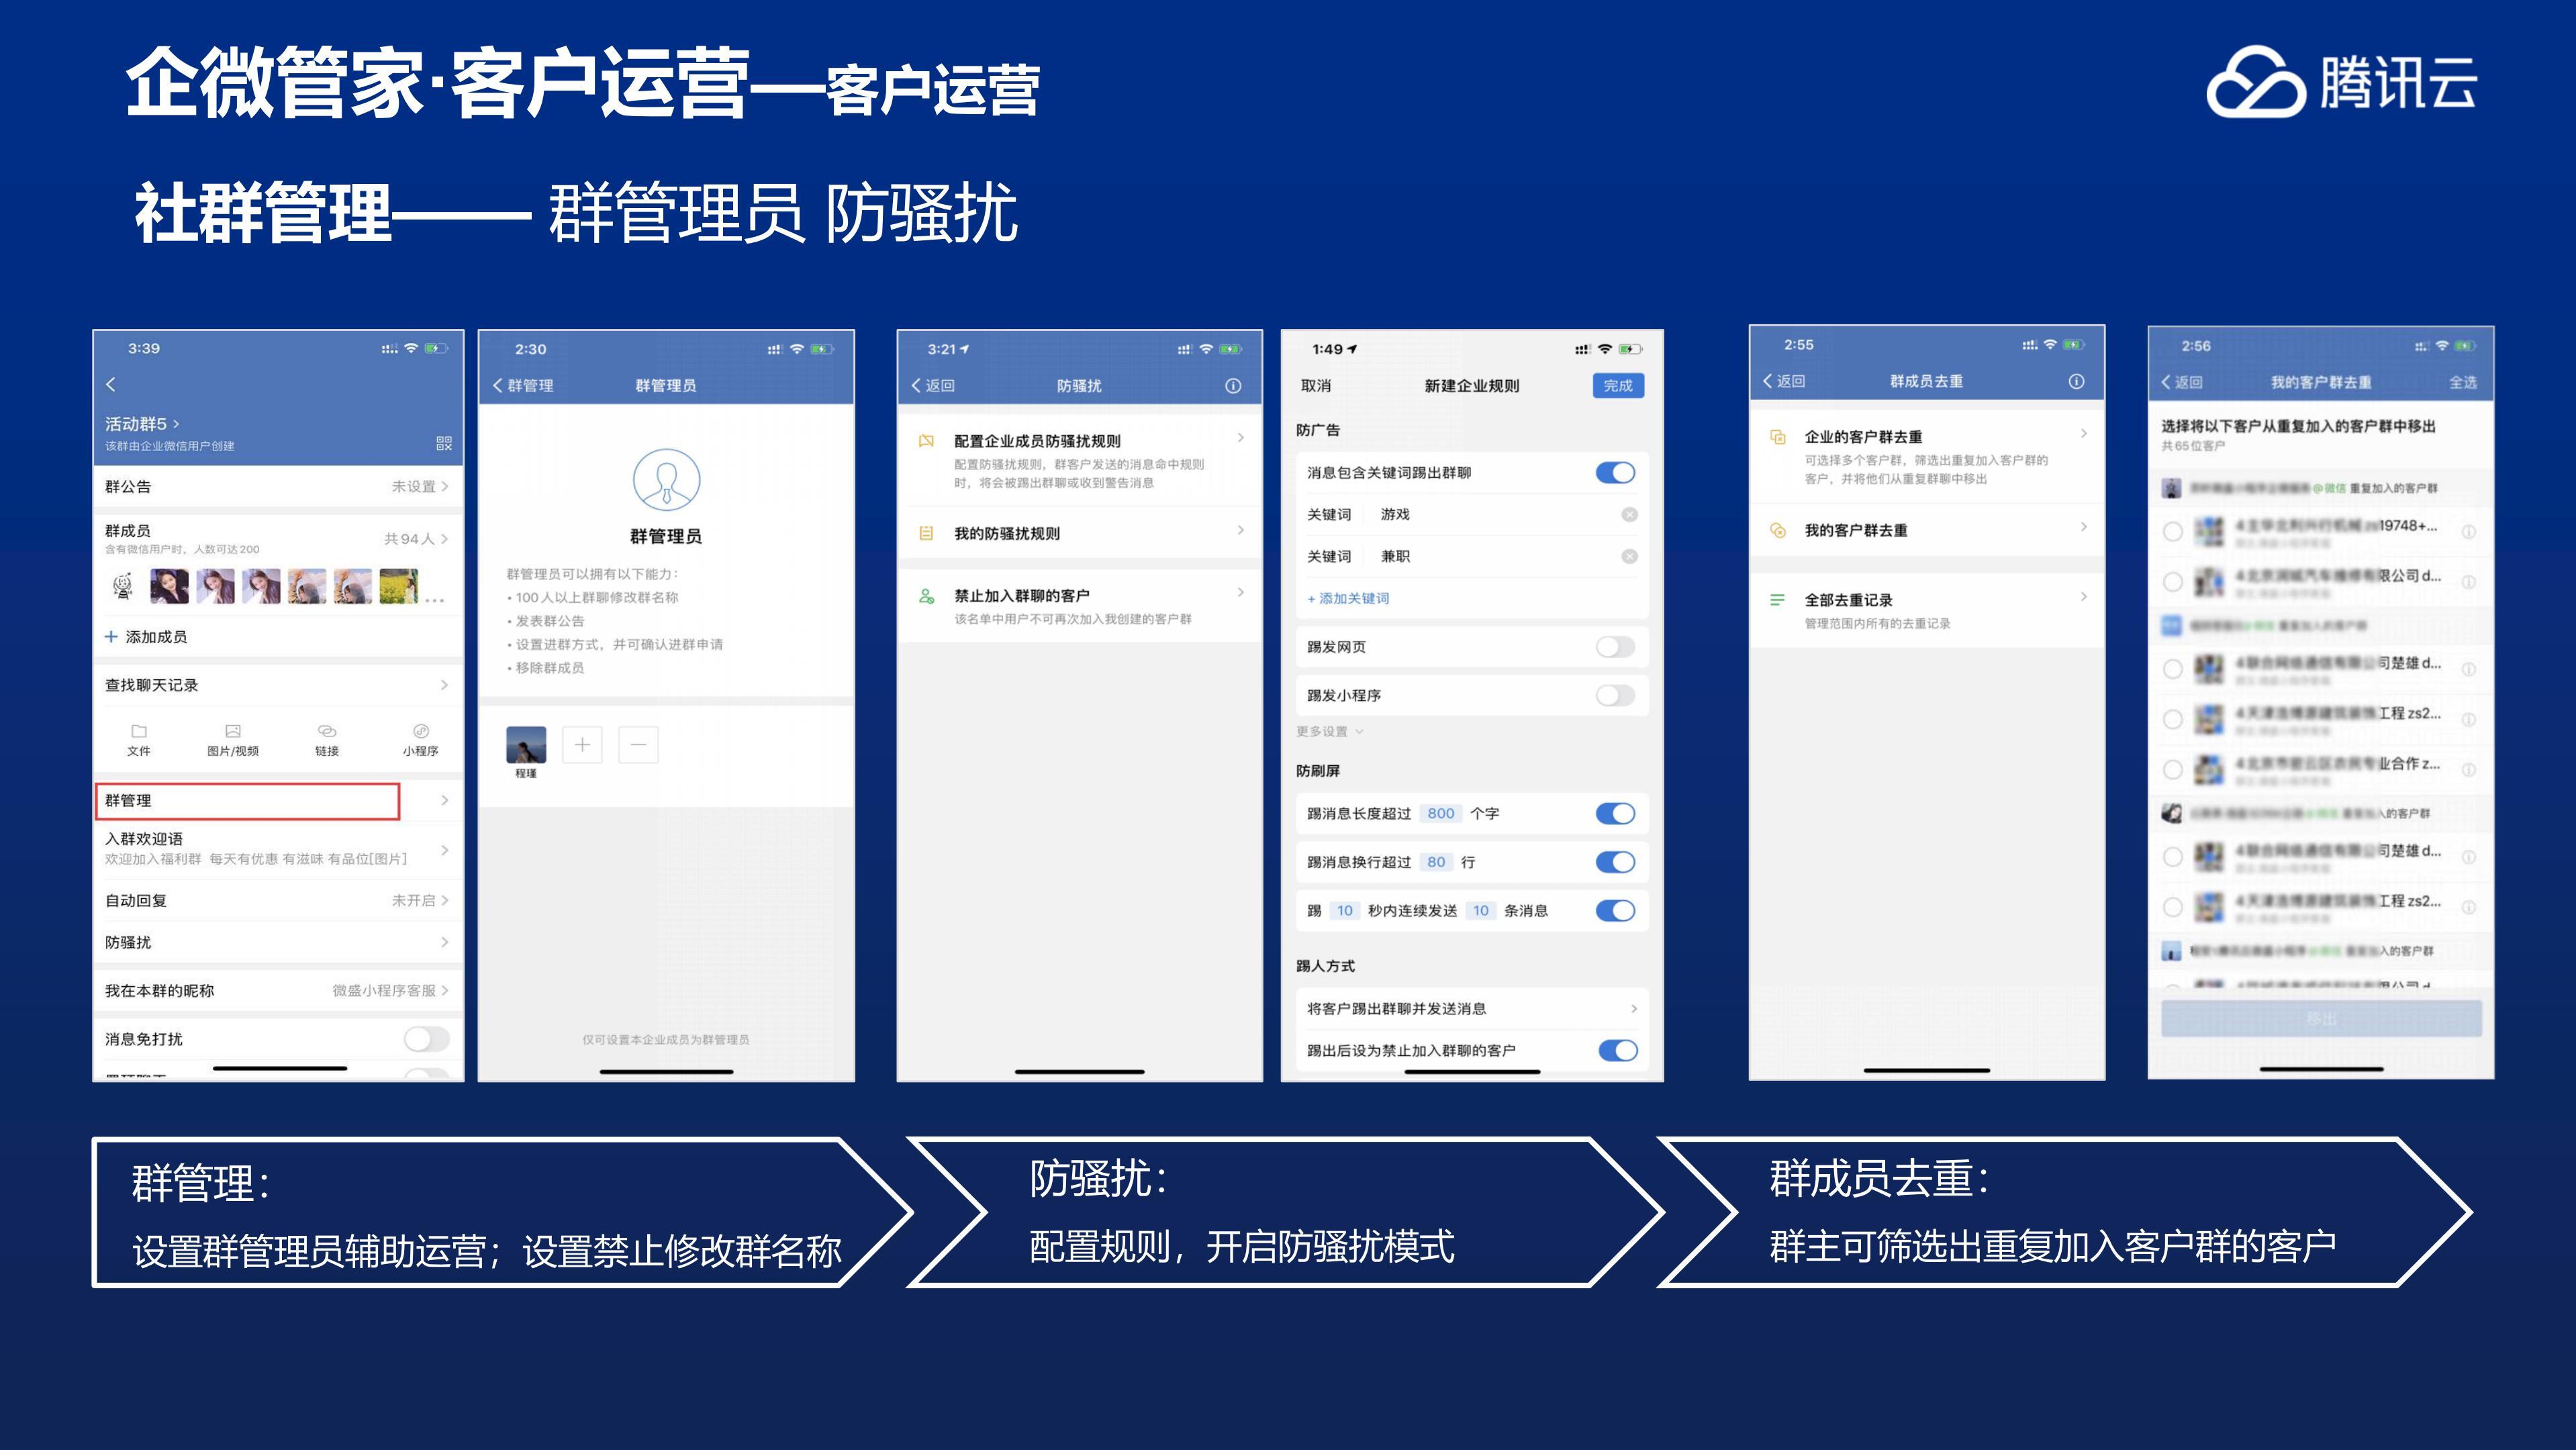 腾讯云企微管家产品介绍_18.jpg